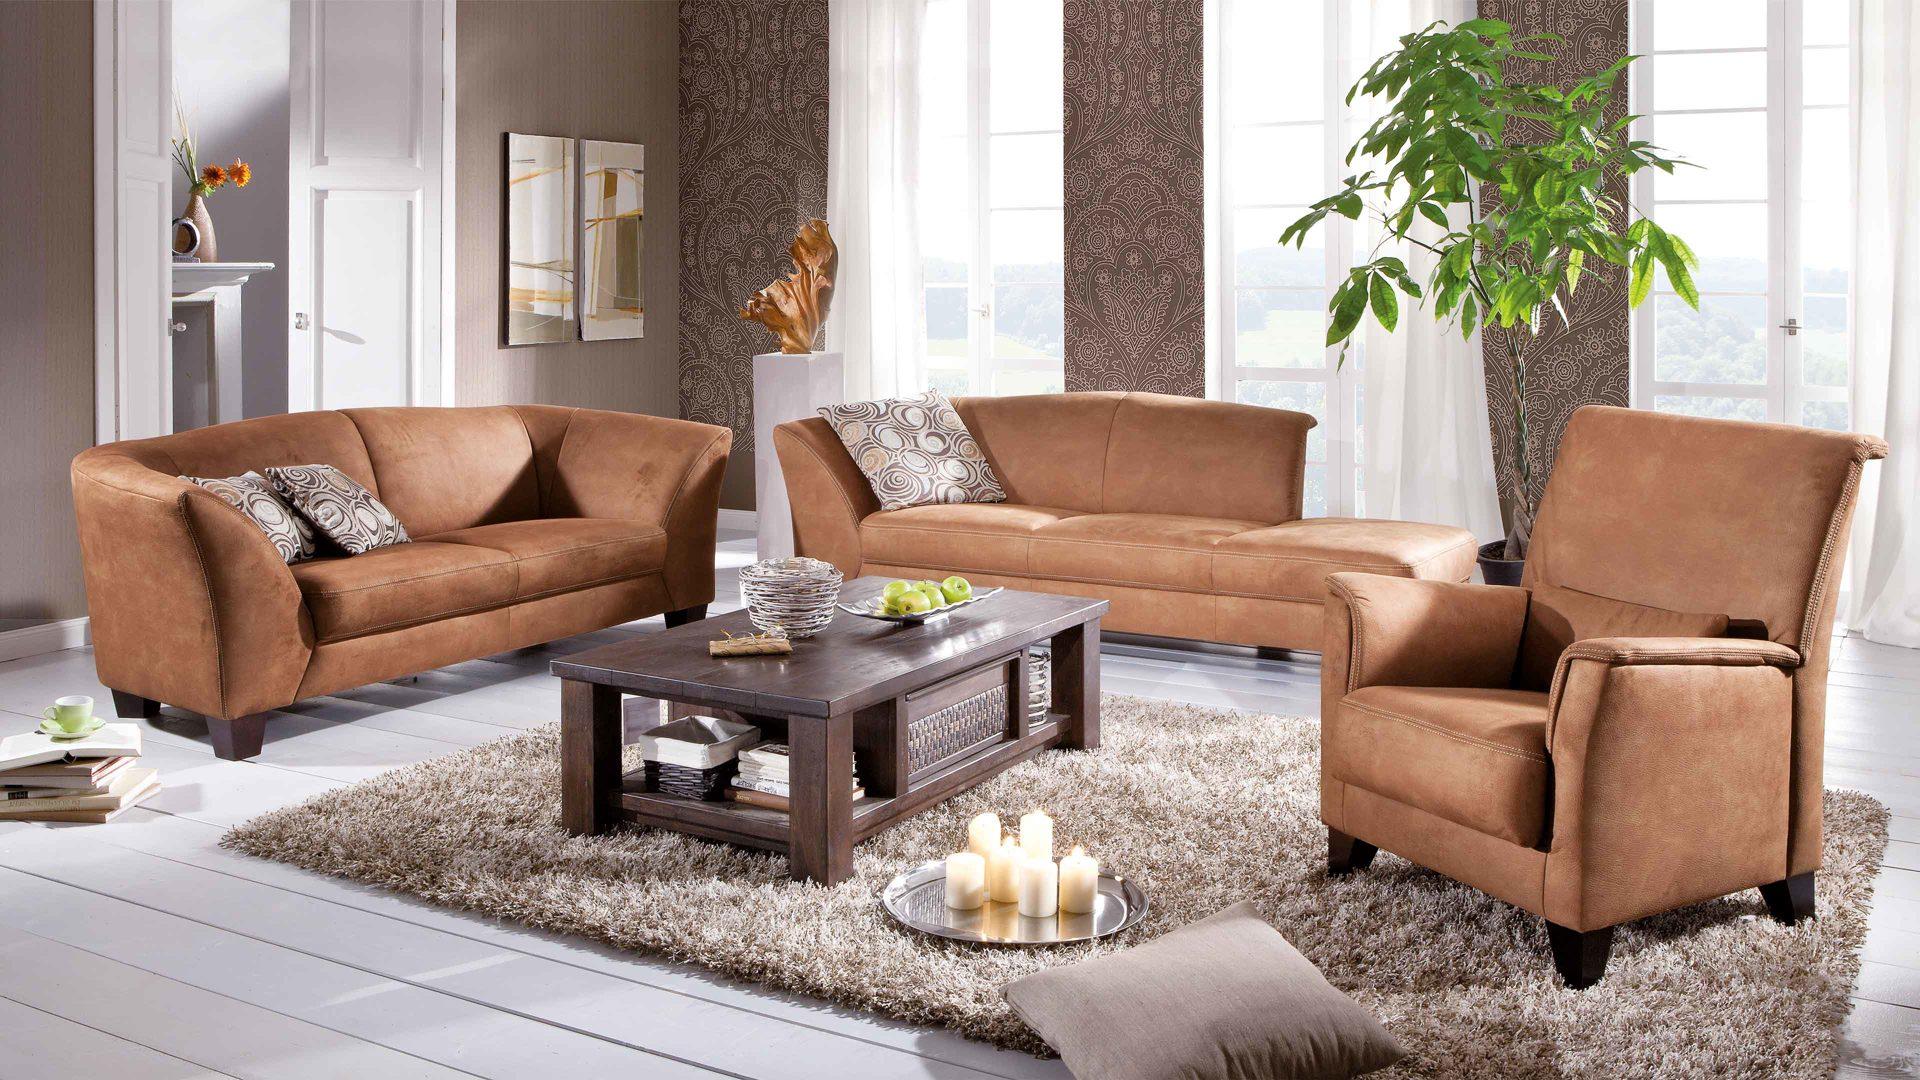 3 sitzer sofa mit federkern, wohnland breitwieser , möbel a-z, couches + sofas, polstergarnituren, Design ideen